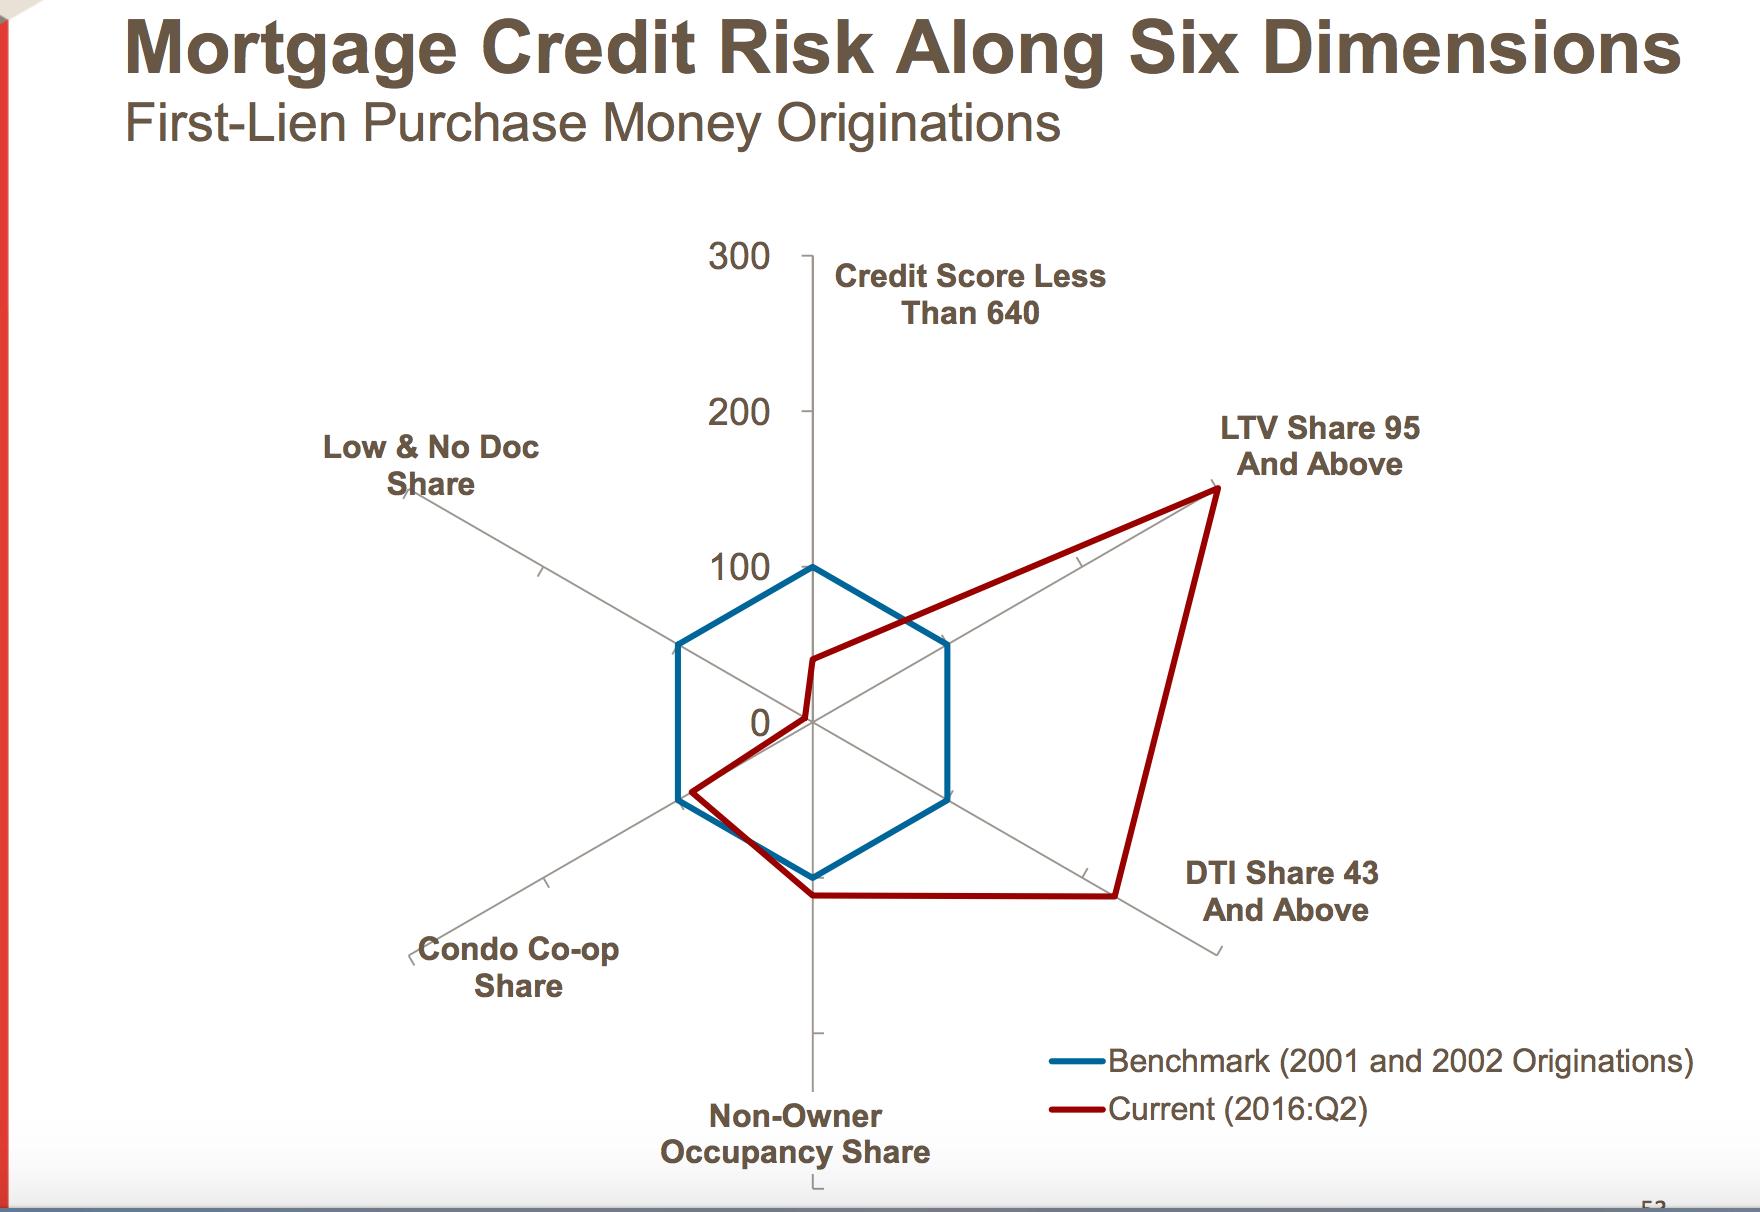 Credit risk breakdown